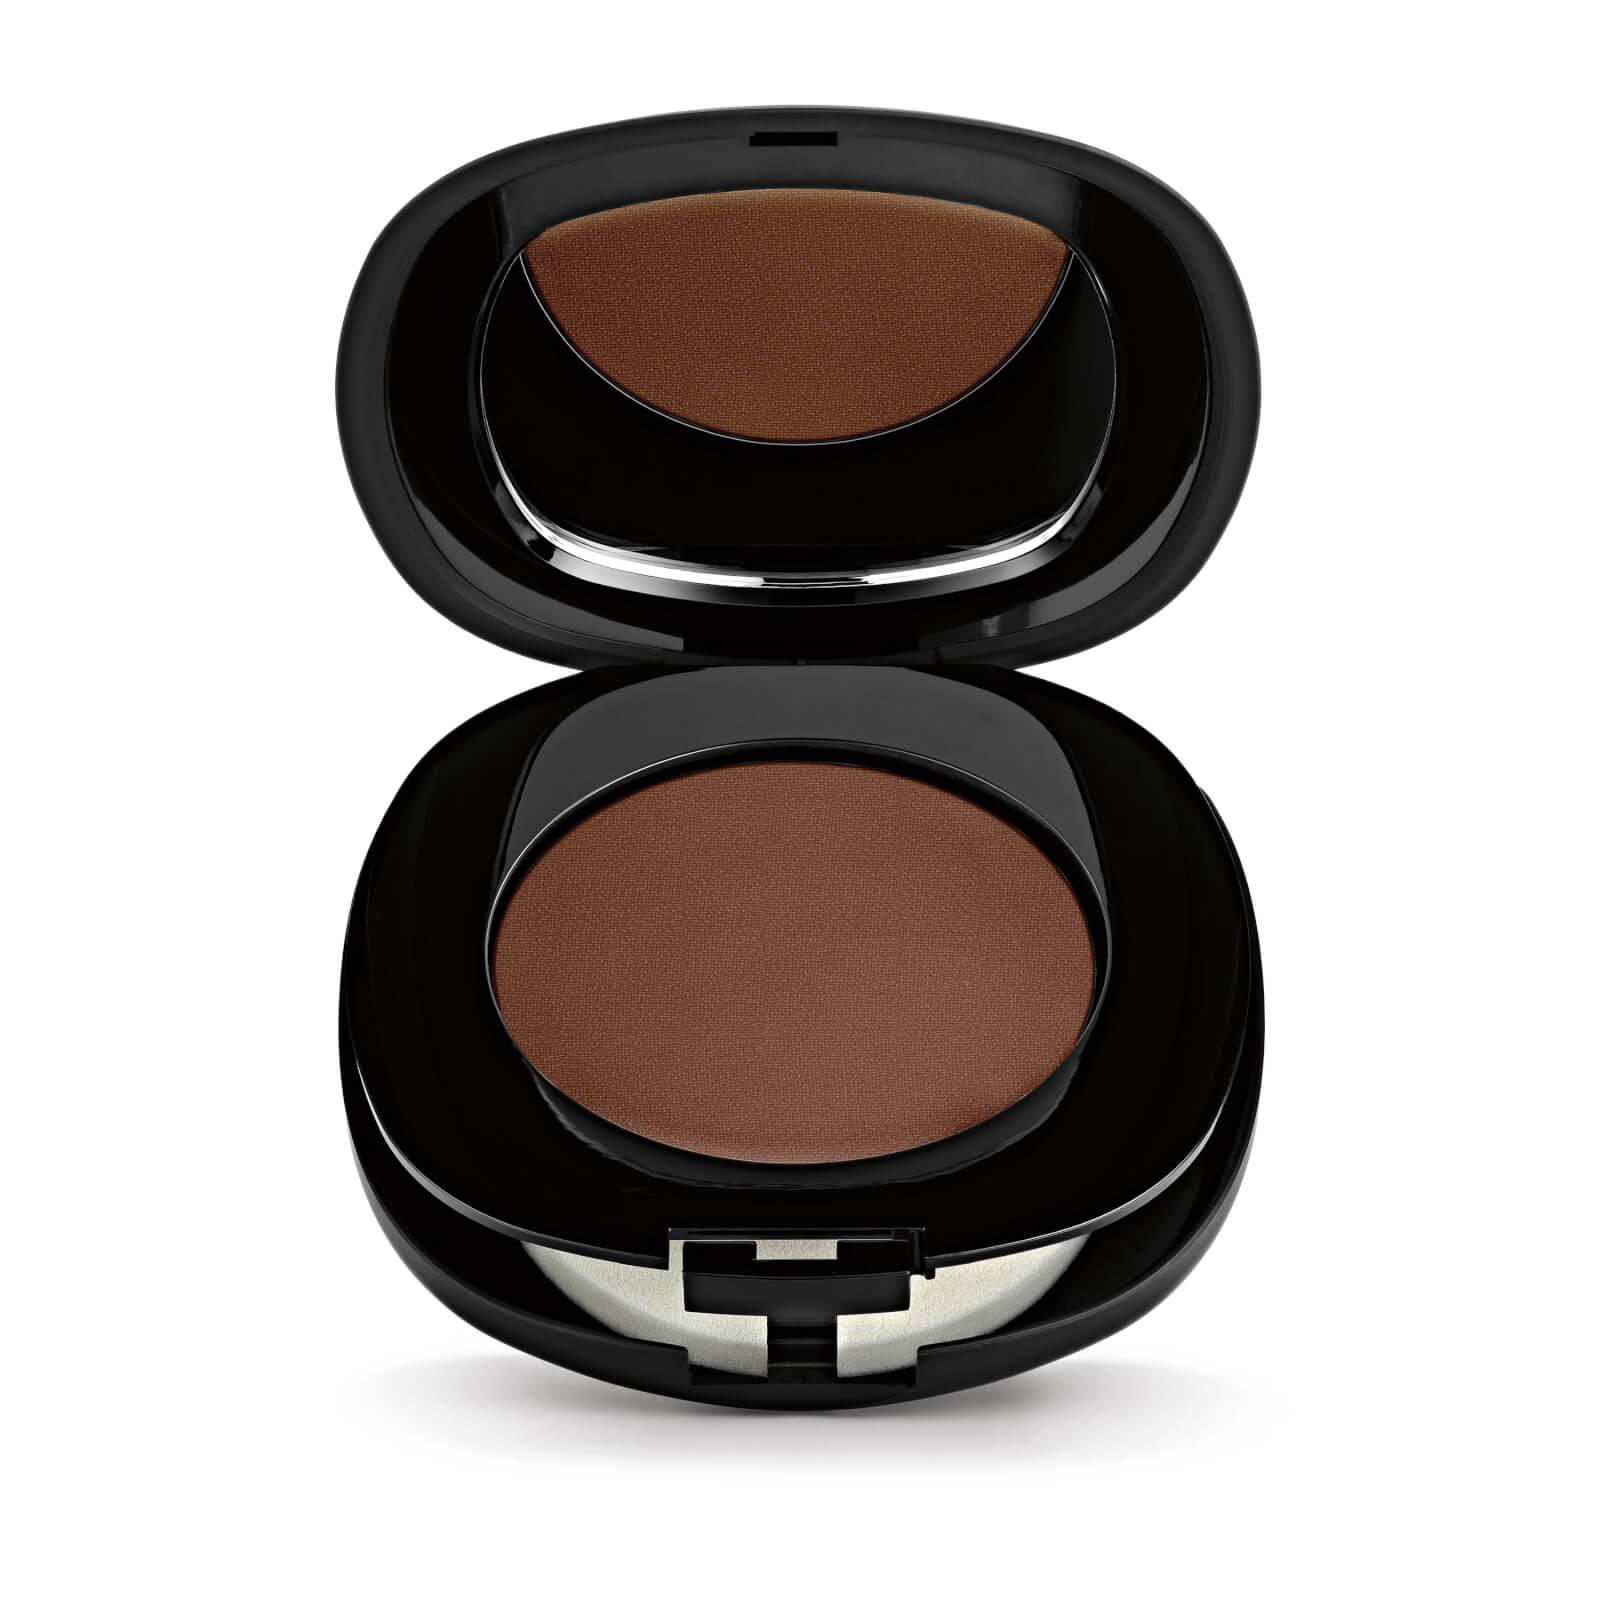 Купить Тональная основа для лица Elizabeth Arden Flawless Finish Everyday Perfection Bouncy Makeup 10 г (различные оттенки) - Expresso 13